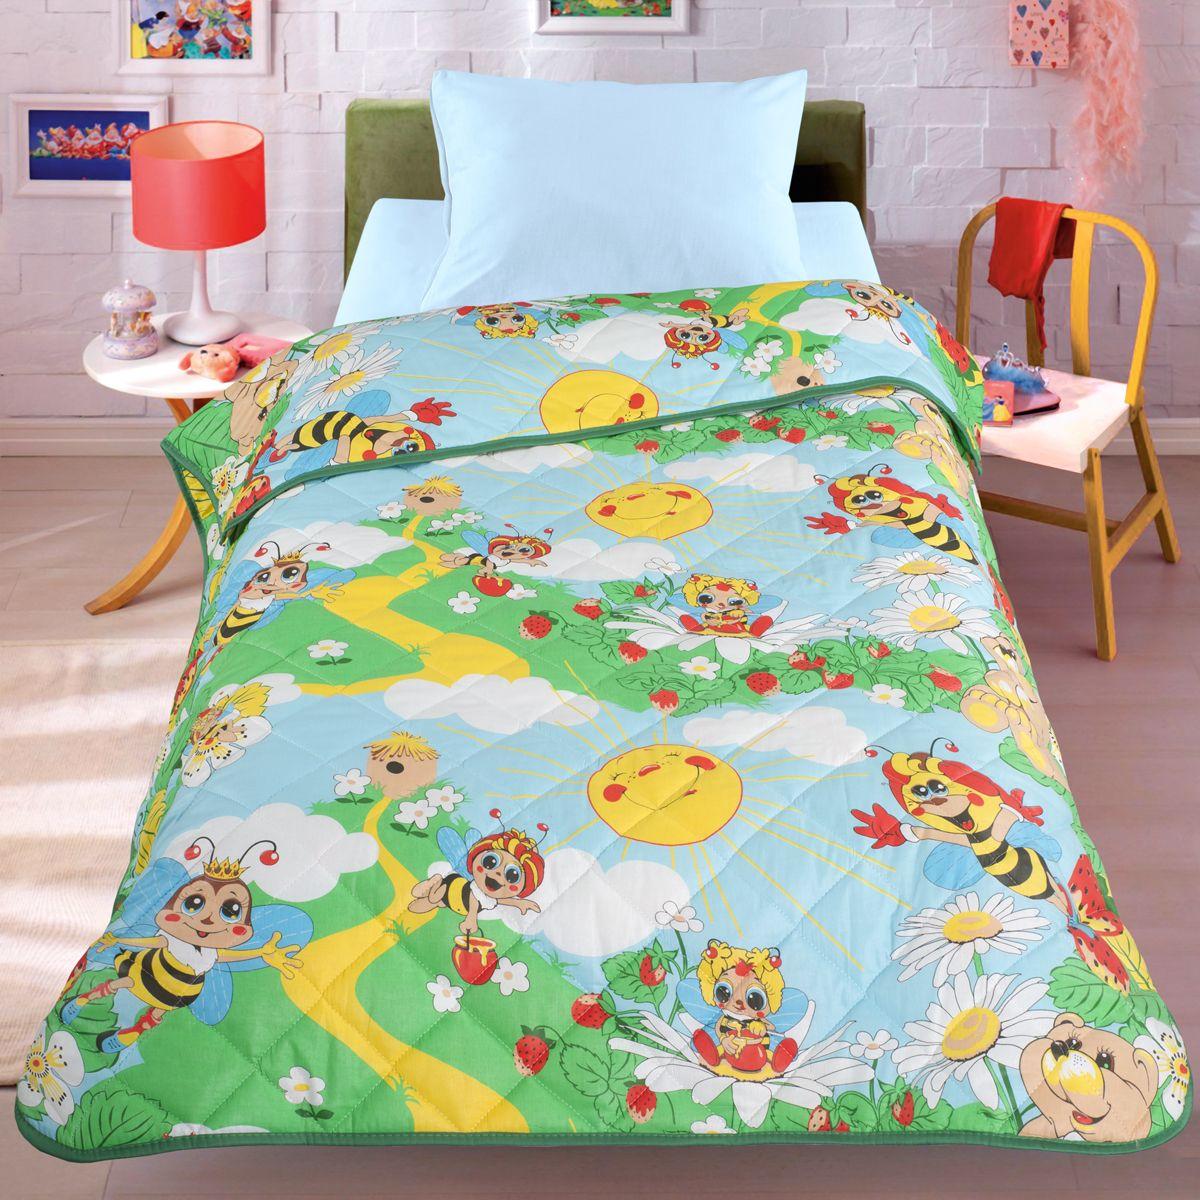 Покрывало-одеяло Letto Пчела, облегченное, цвет: зеленый, 140 x 200 см98299571Легкое оригинальное покрывало в чехле будет радовать вас и вашего малыша в течение всего года. Сидеть на таком покрывале будет приятно и комфортно - ведь оно выполнено из 100% хлопка. К тому же покрывало можно использовать и как одеяло на детскую кровать. Дизайн двусторонний. Наполнитель - силиконизированное волокно. Вашему ребенку не будет жарко под таким одеялом, а это значит он не будет раскрываться. Оно подлежит машинной стирке при температуре 30 гр., строго на деликатном режиме.